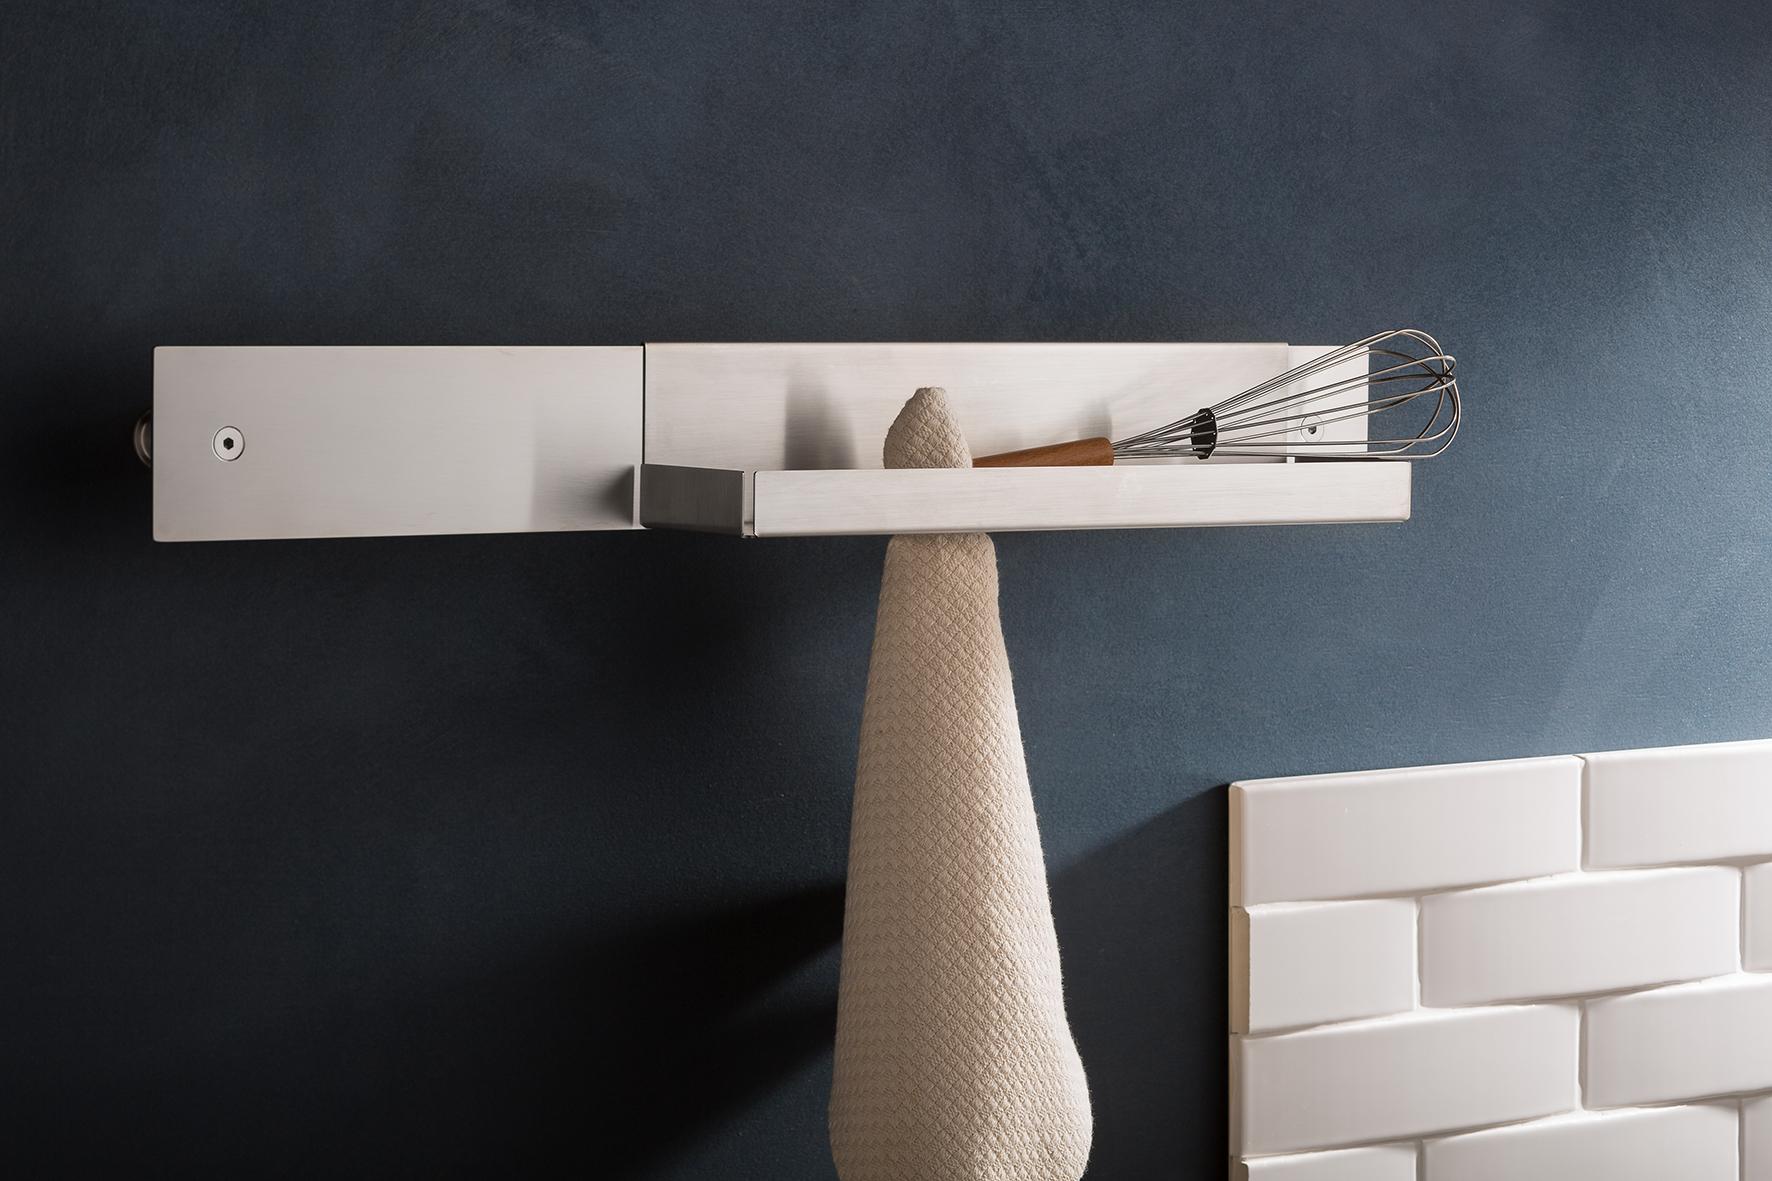 Accessori Bagno Design Minimale.Accessori Per Il Bagno In Acciao Inox Arredare Con Stile